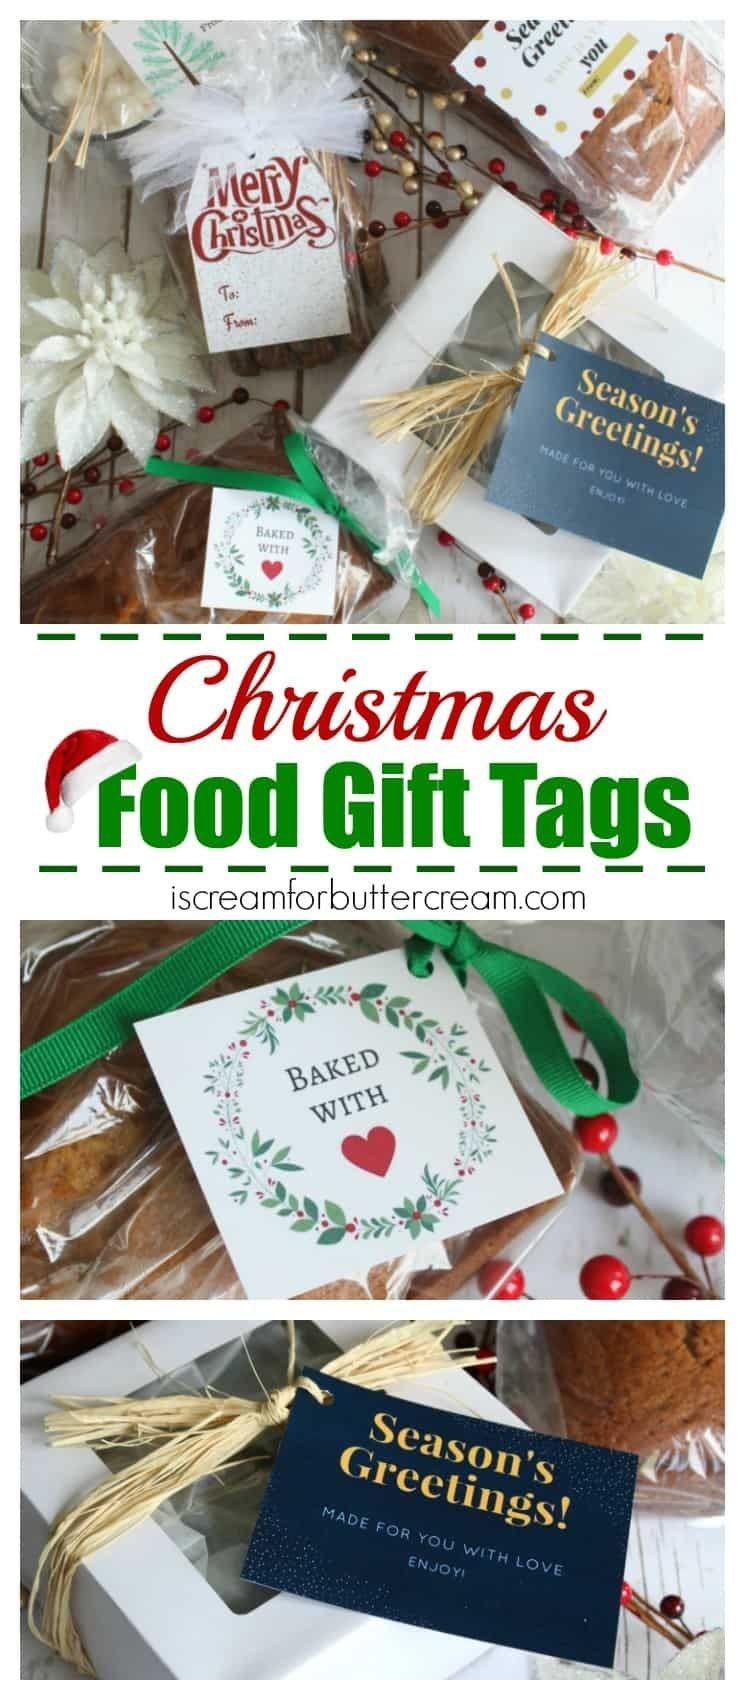 Free Printable Christmas Food Gift Tags | Christmas - Misc - Free Printable Christmas Food Labels